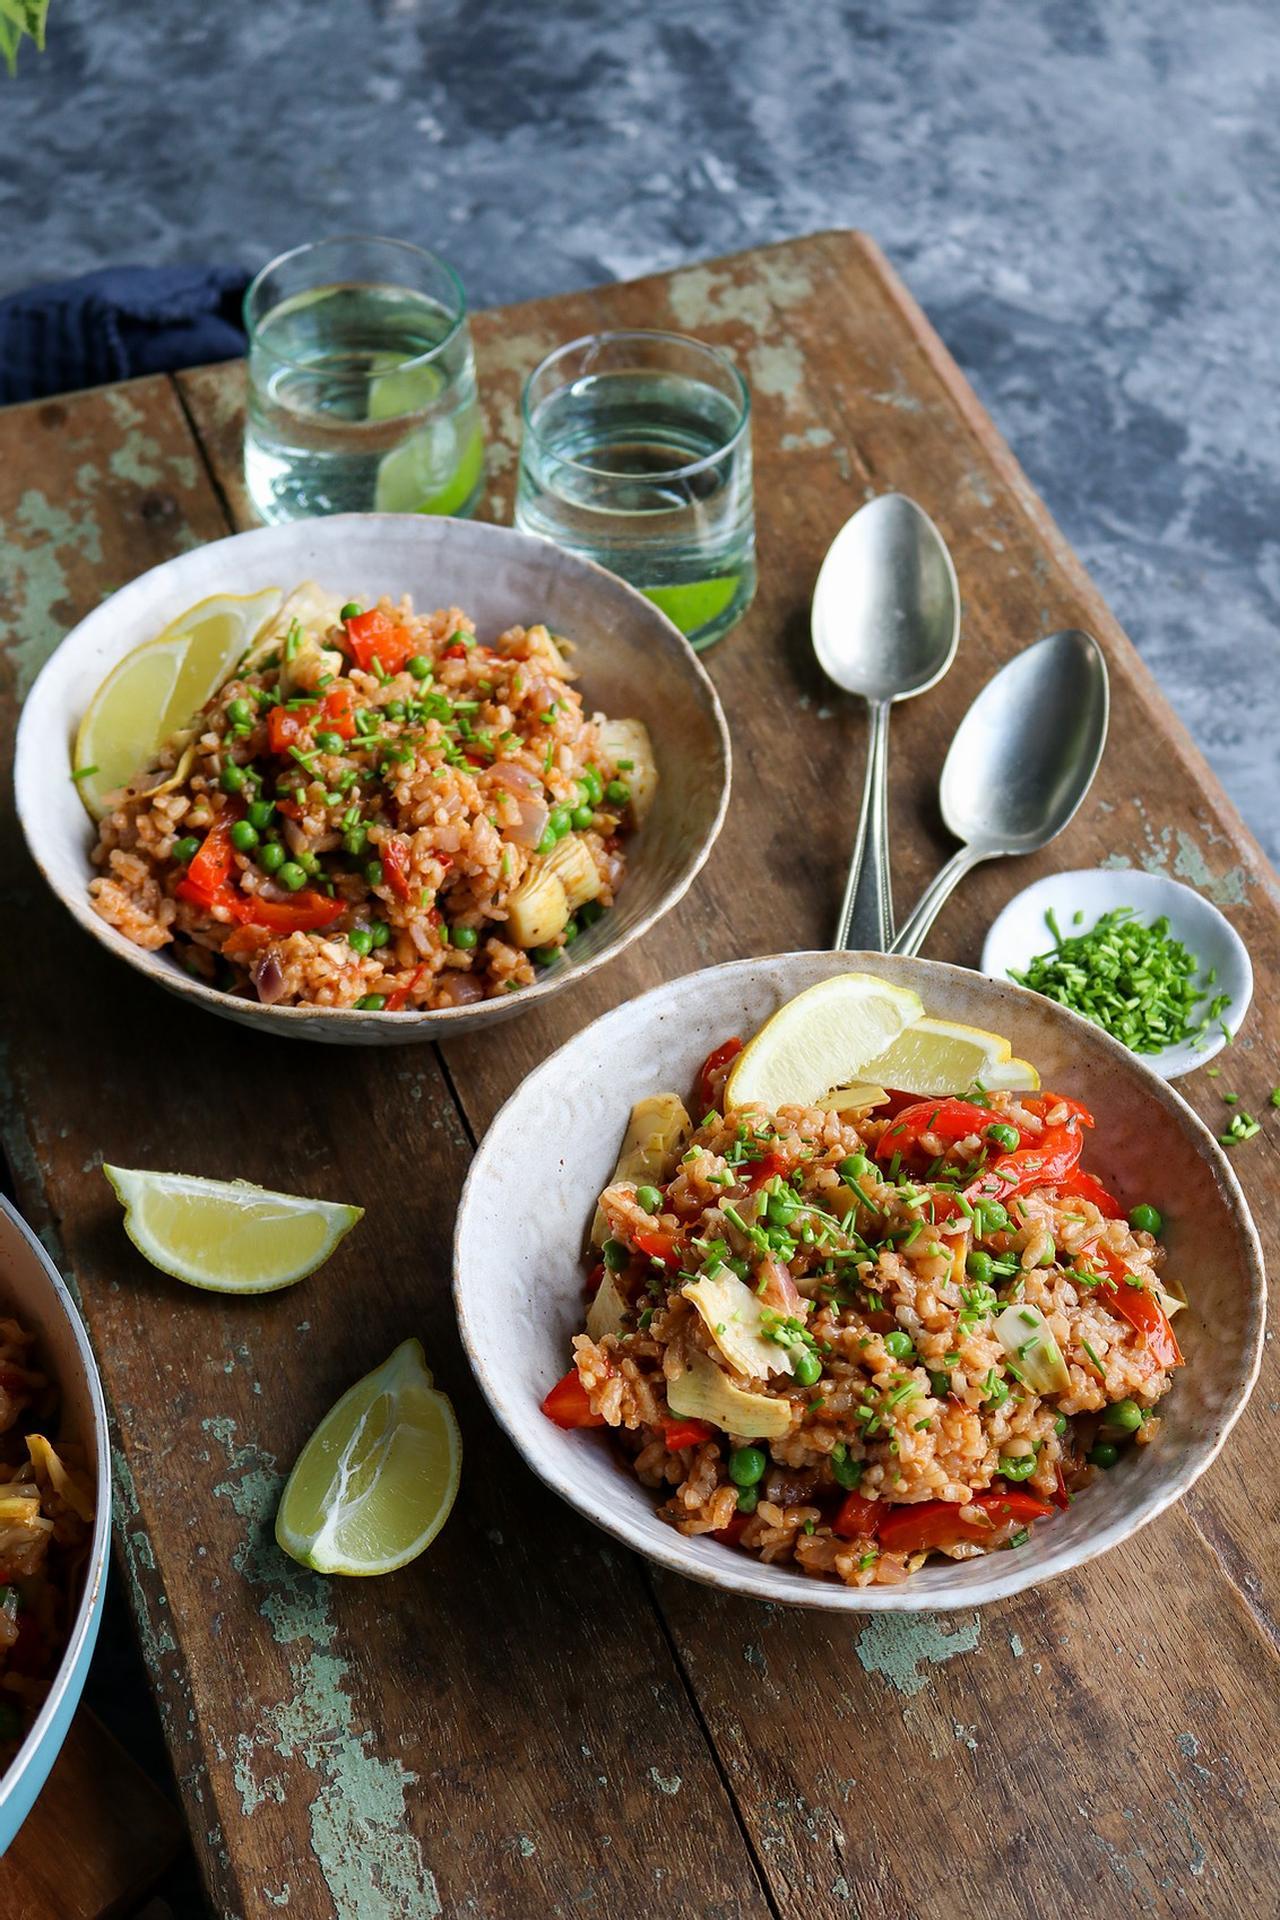 Main image of Vegan Paella: Spanish-Inspired Rice